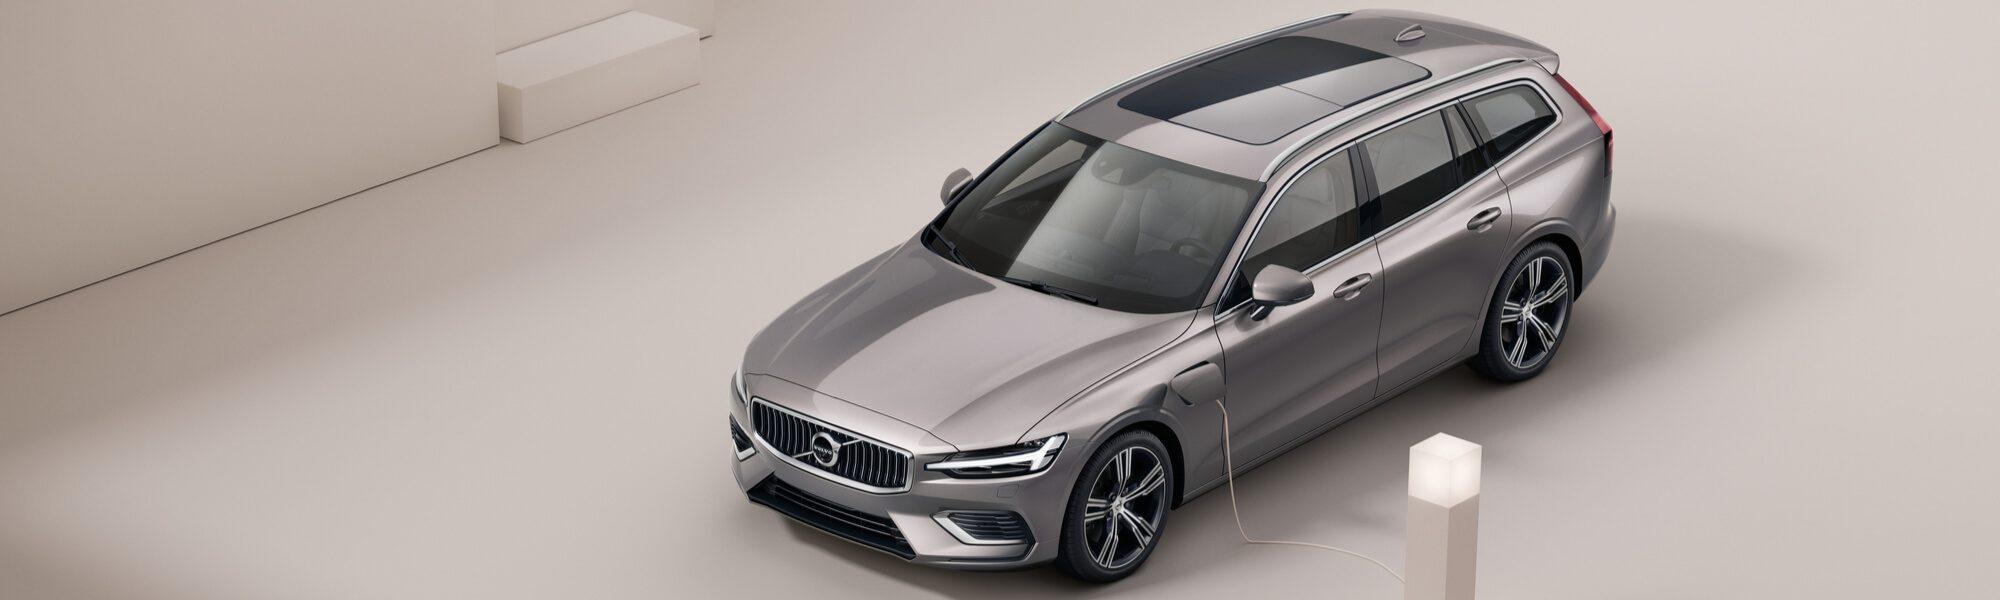 Volvo V60 Plug-in Hybride aan het laden